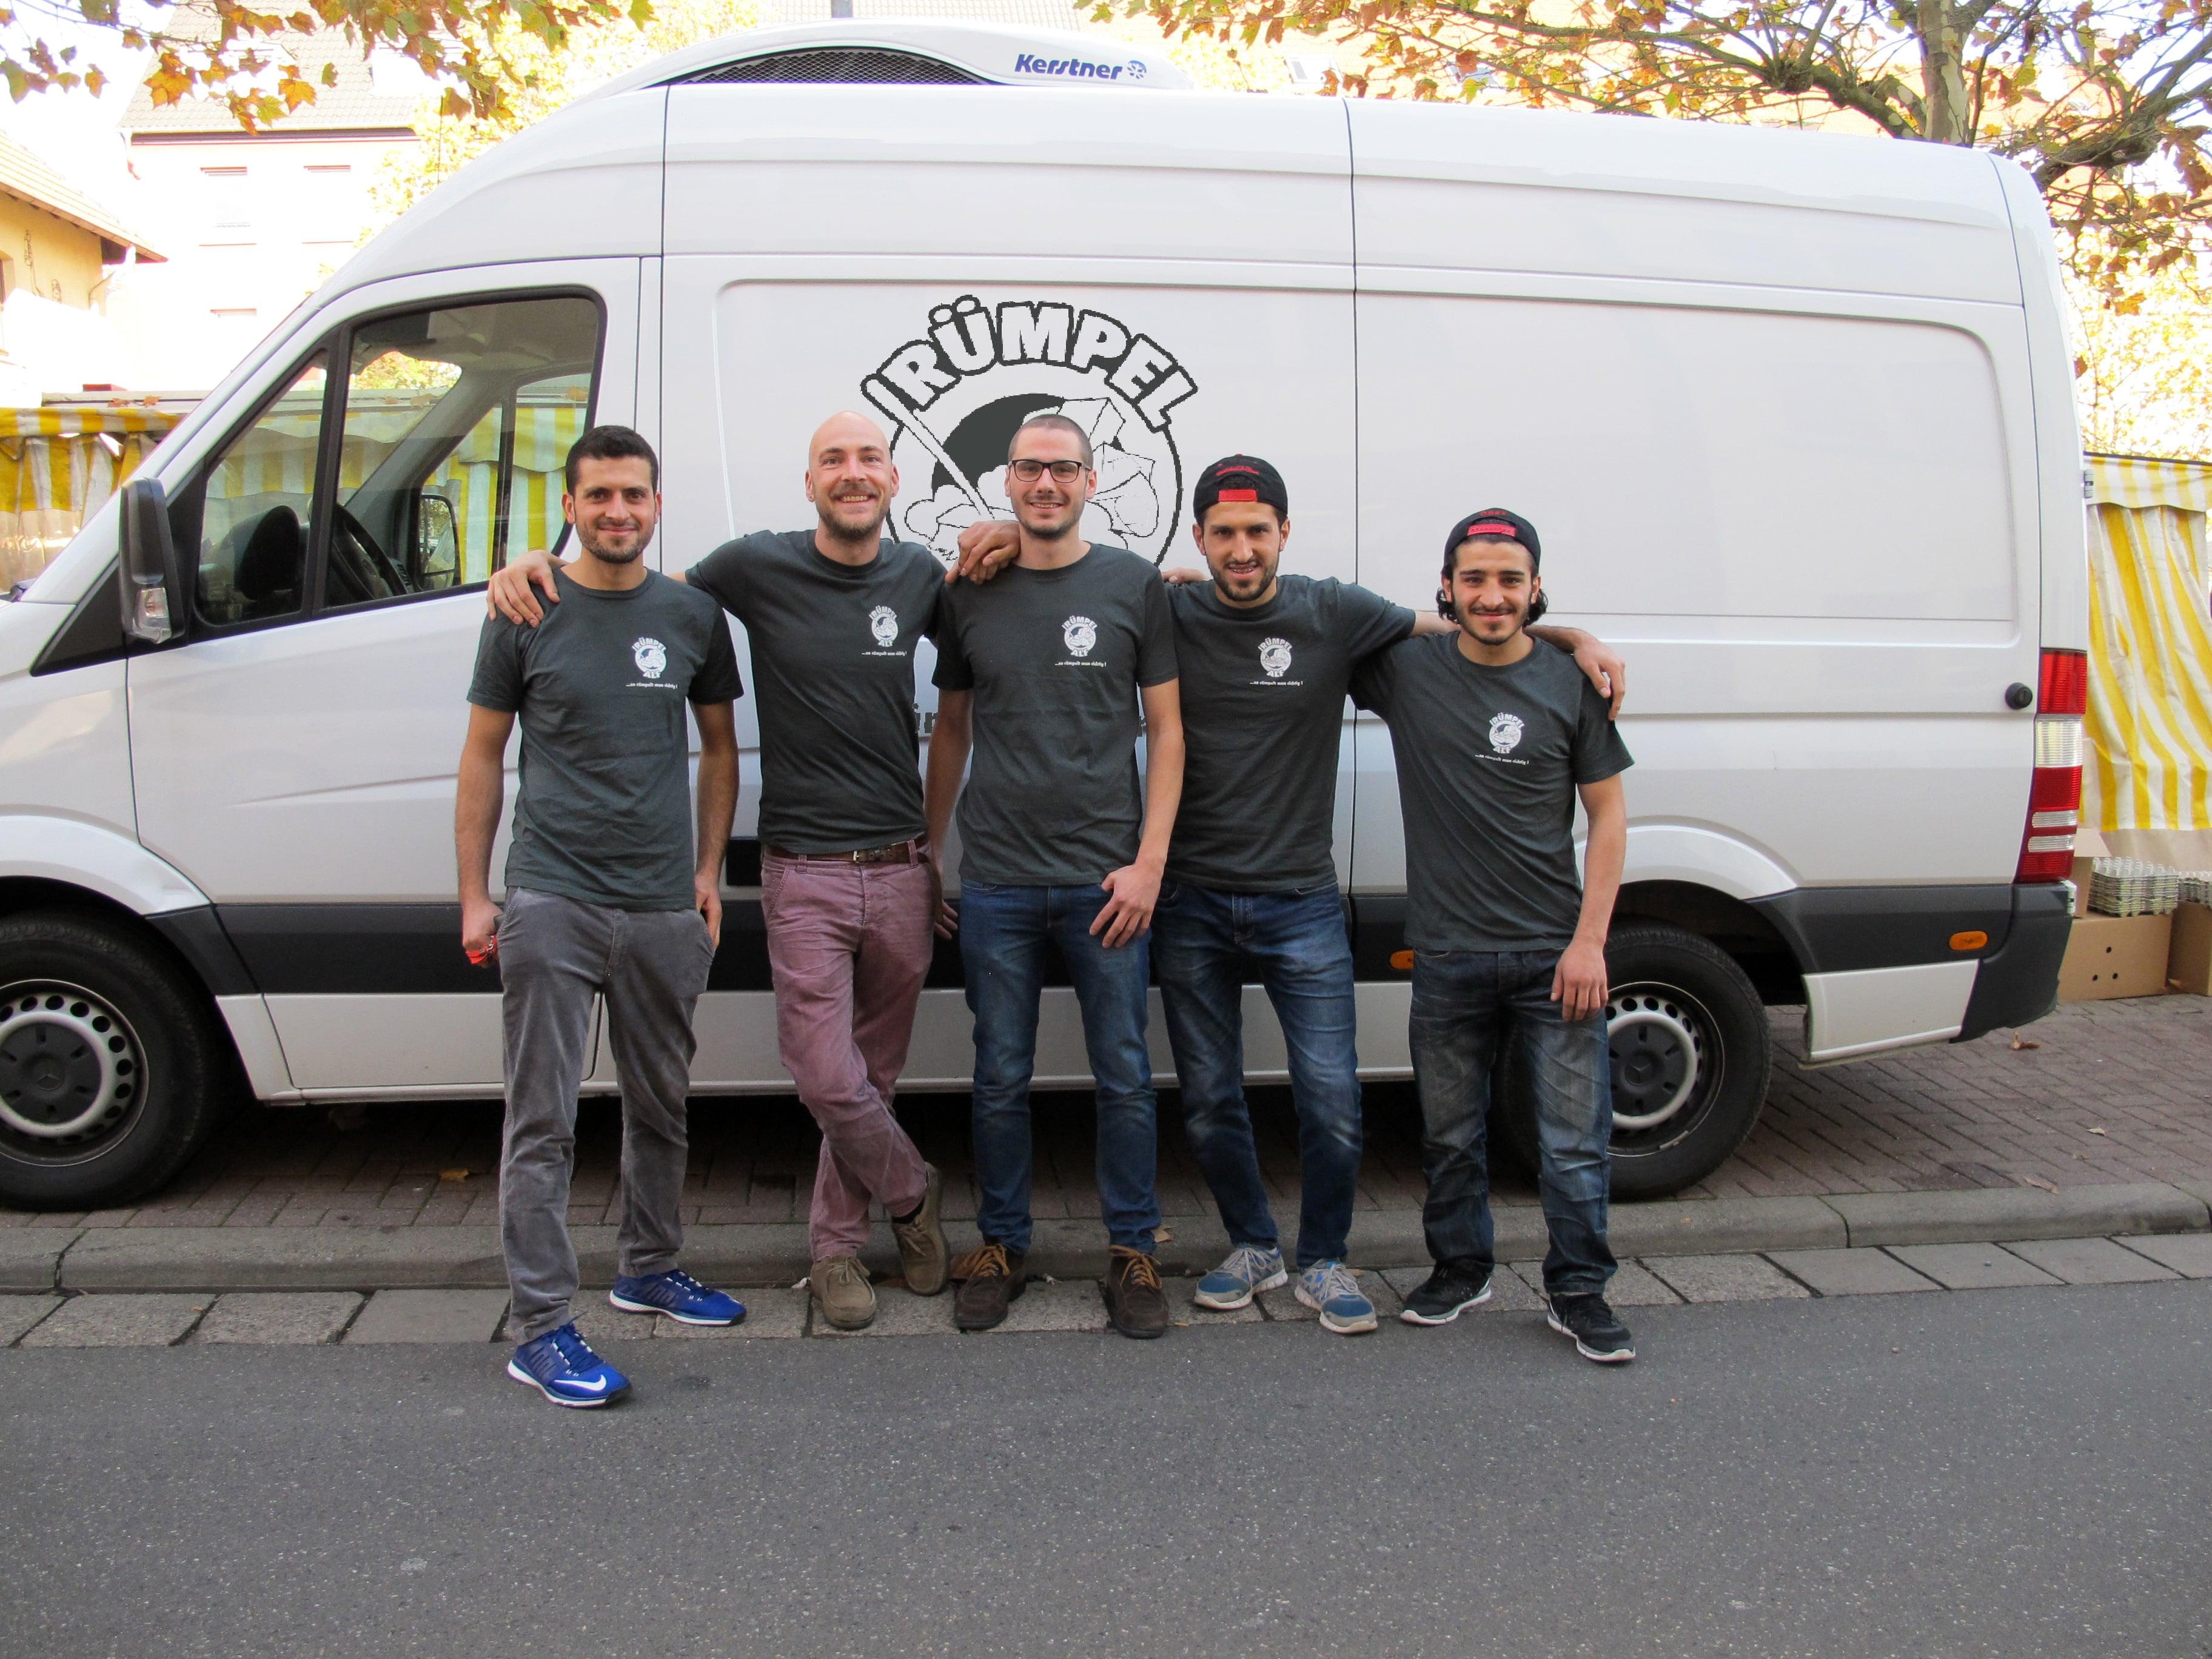 Alles muss raus! - Aref, Ahmad, Lorenz, Mohammad und Janis - Entrümpler im Saarland